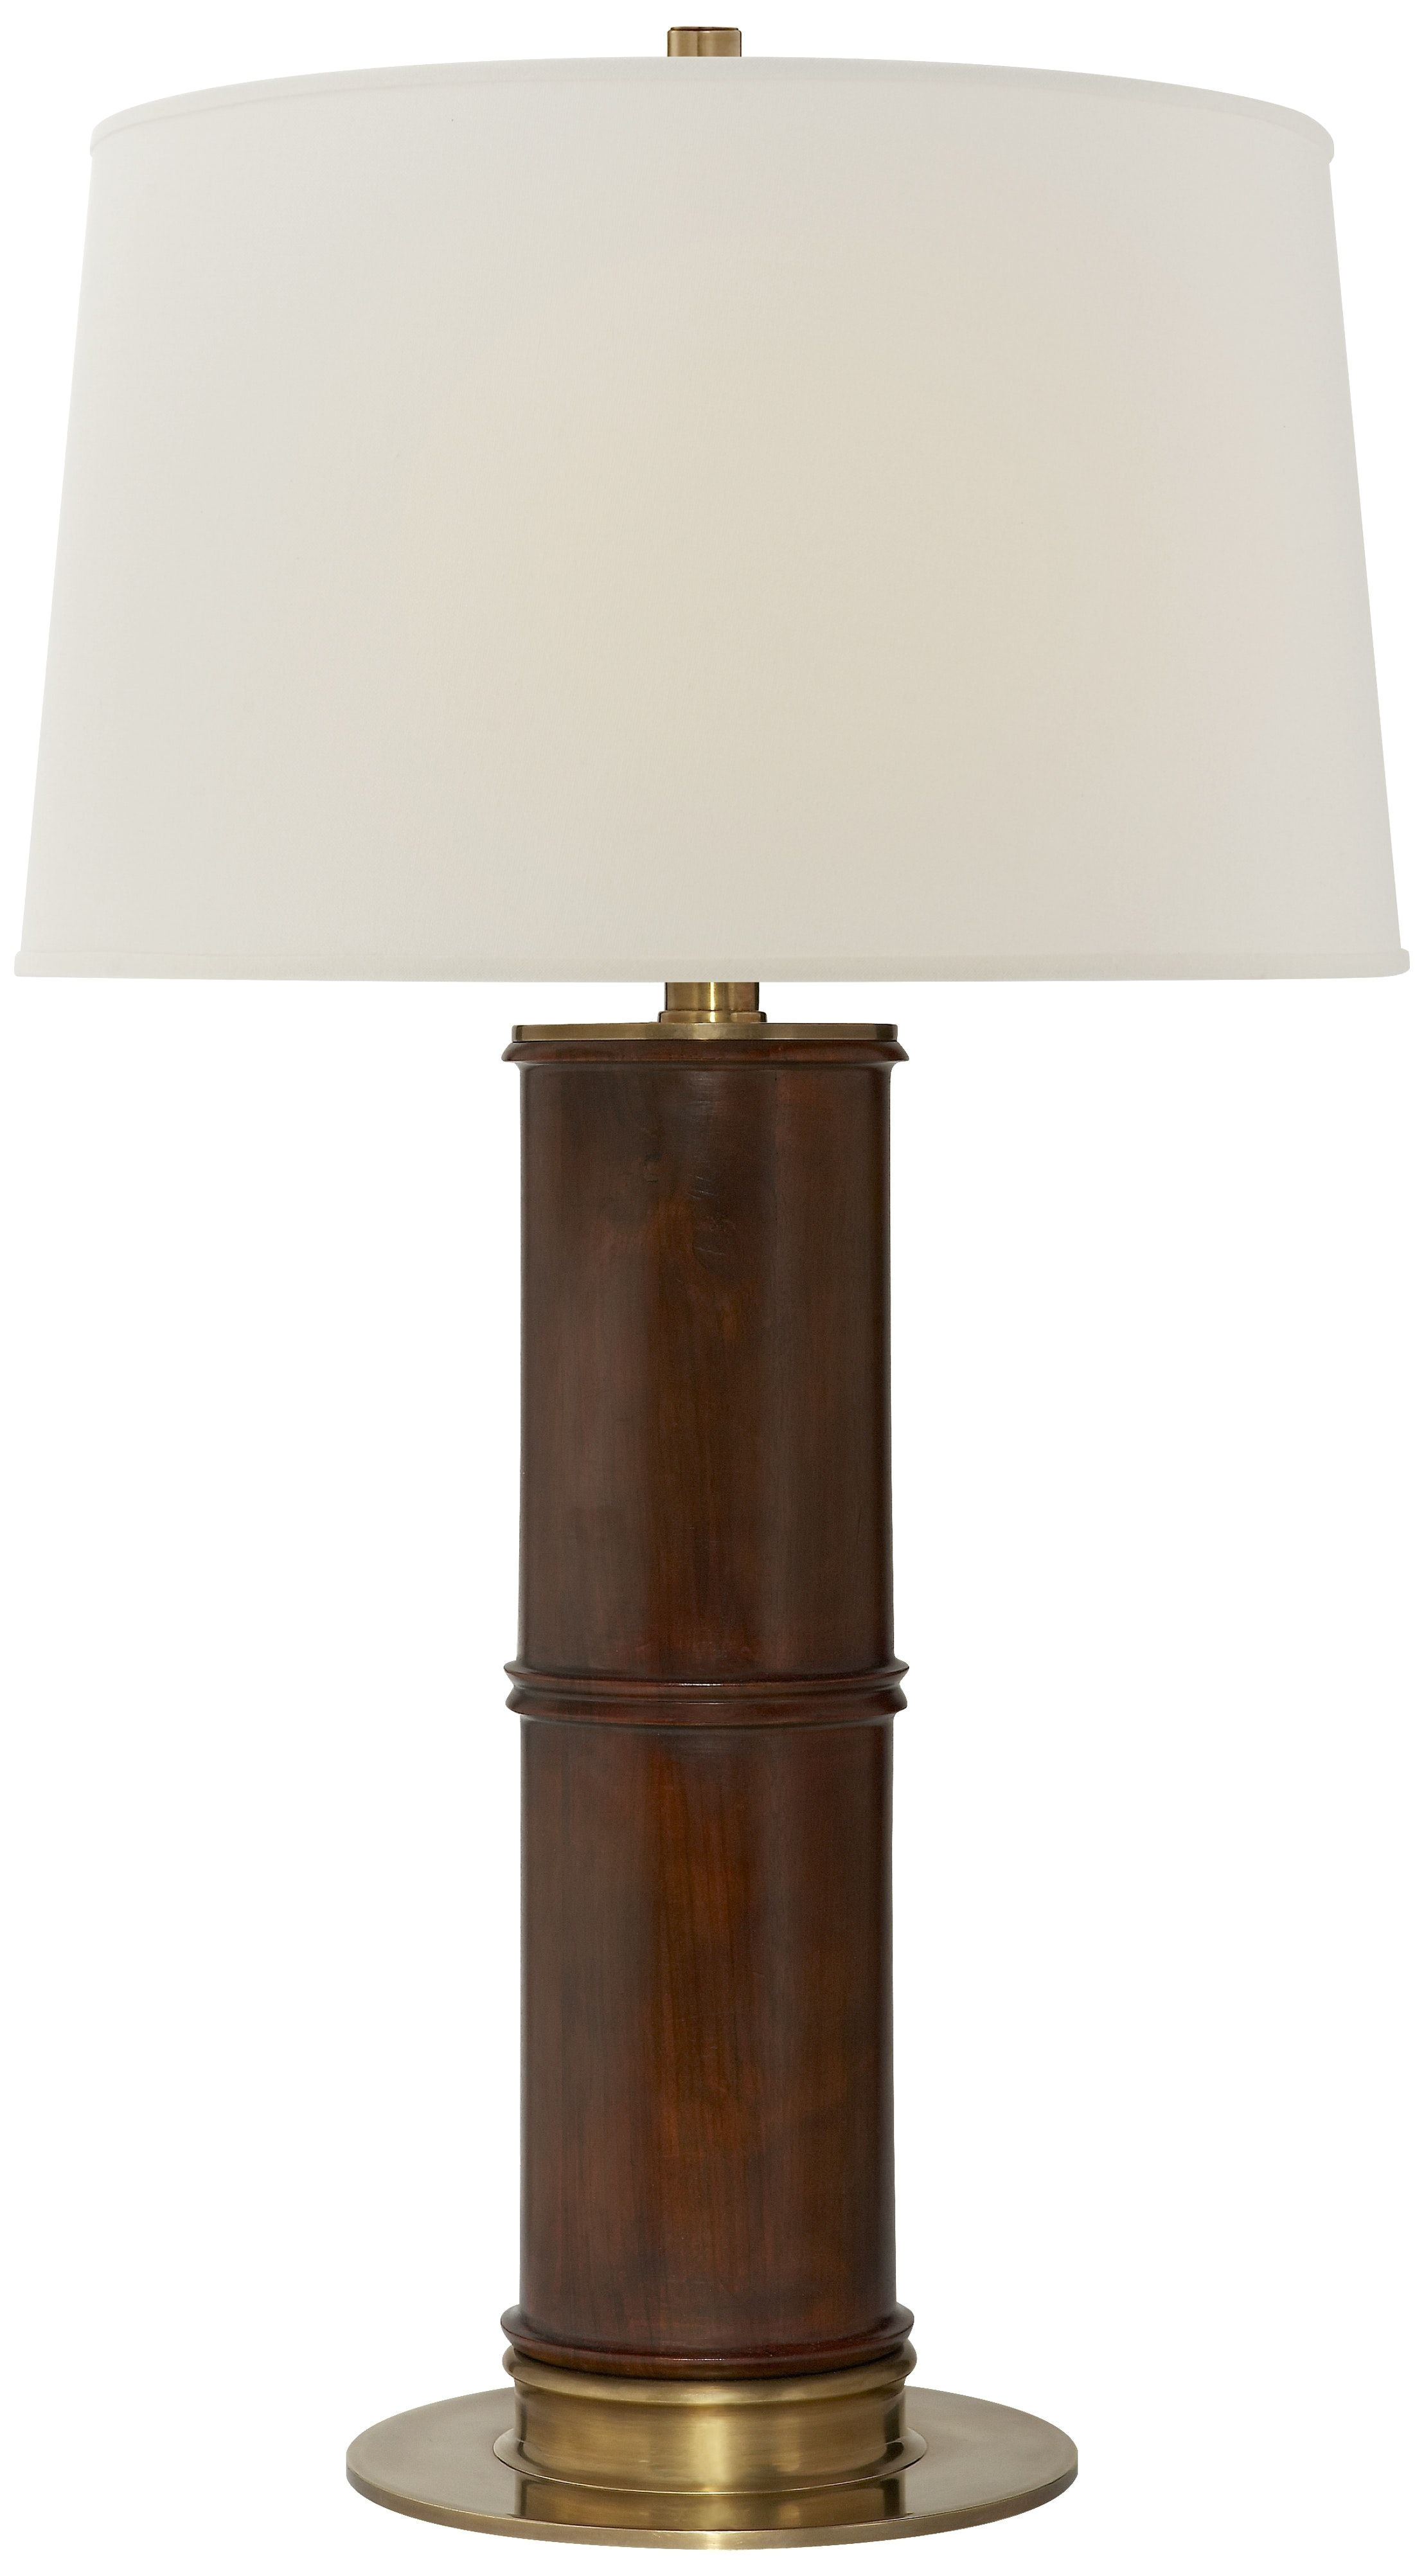 healey table lamp in mahogany